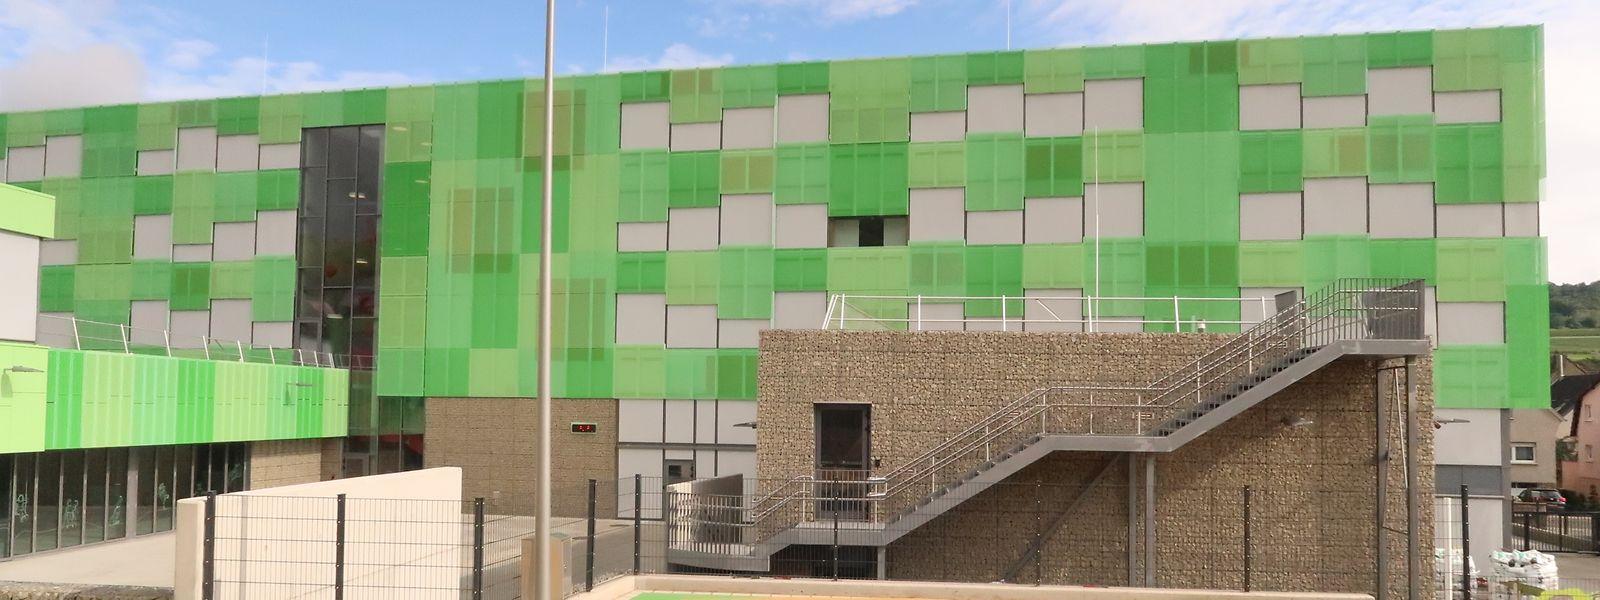 Das grün verkleidete Gebäude ist aus der ganzen Gegend zu sehen.